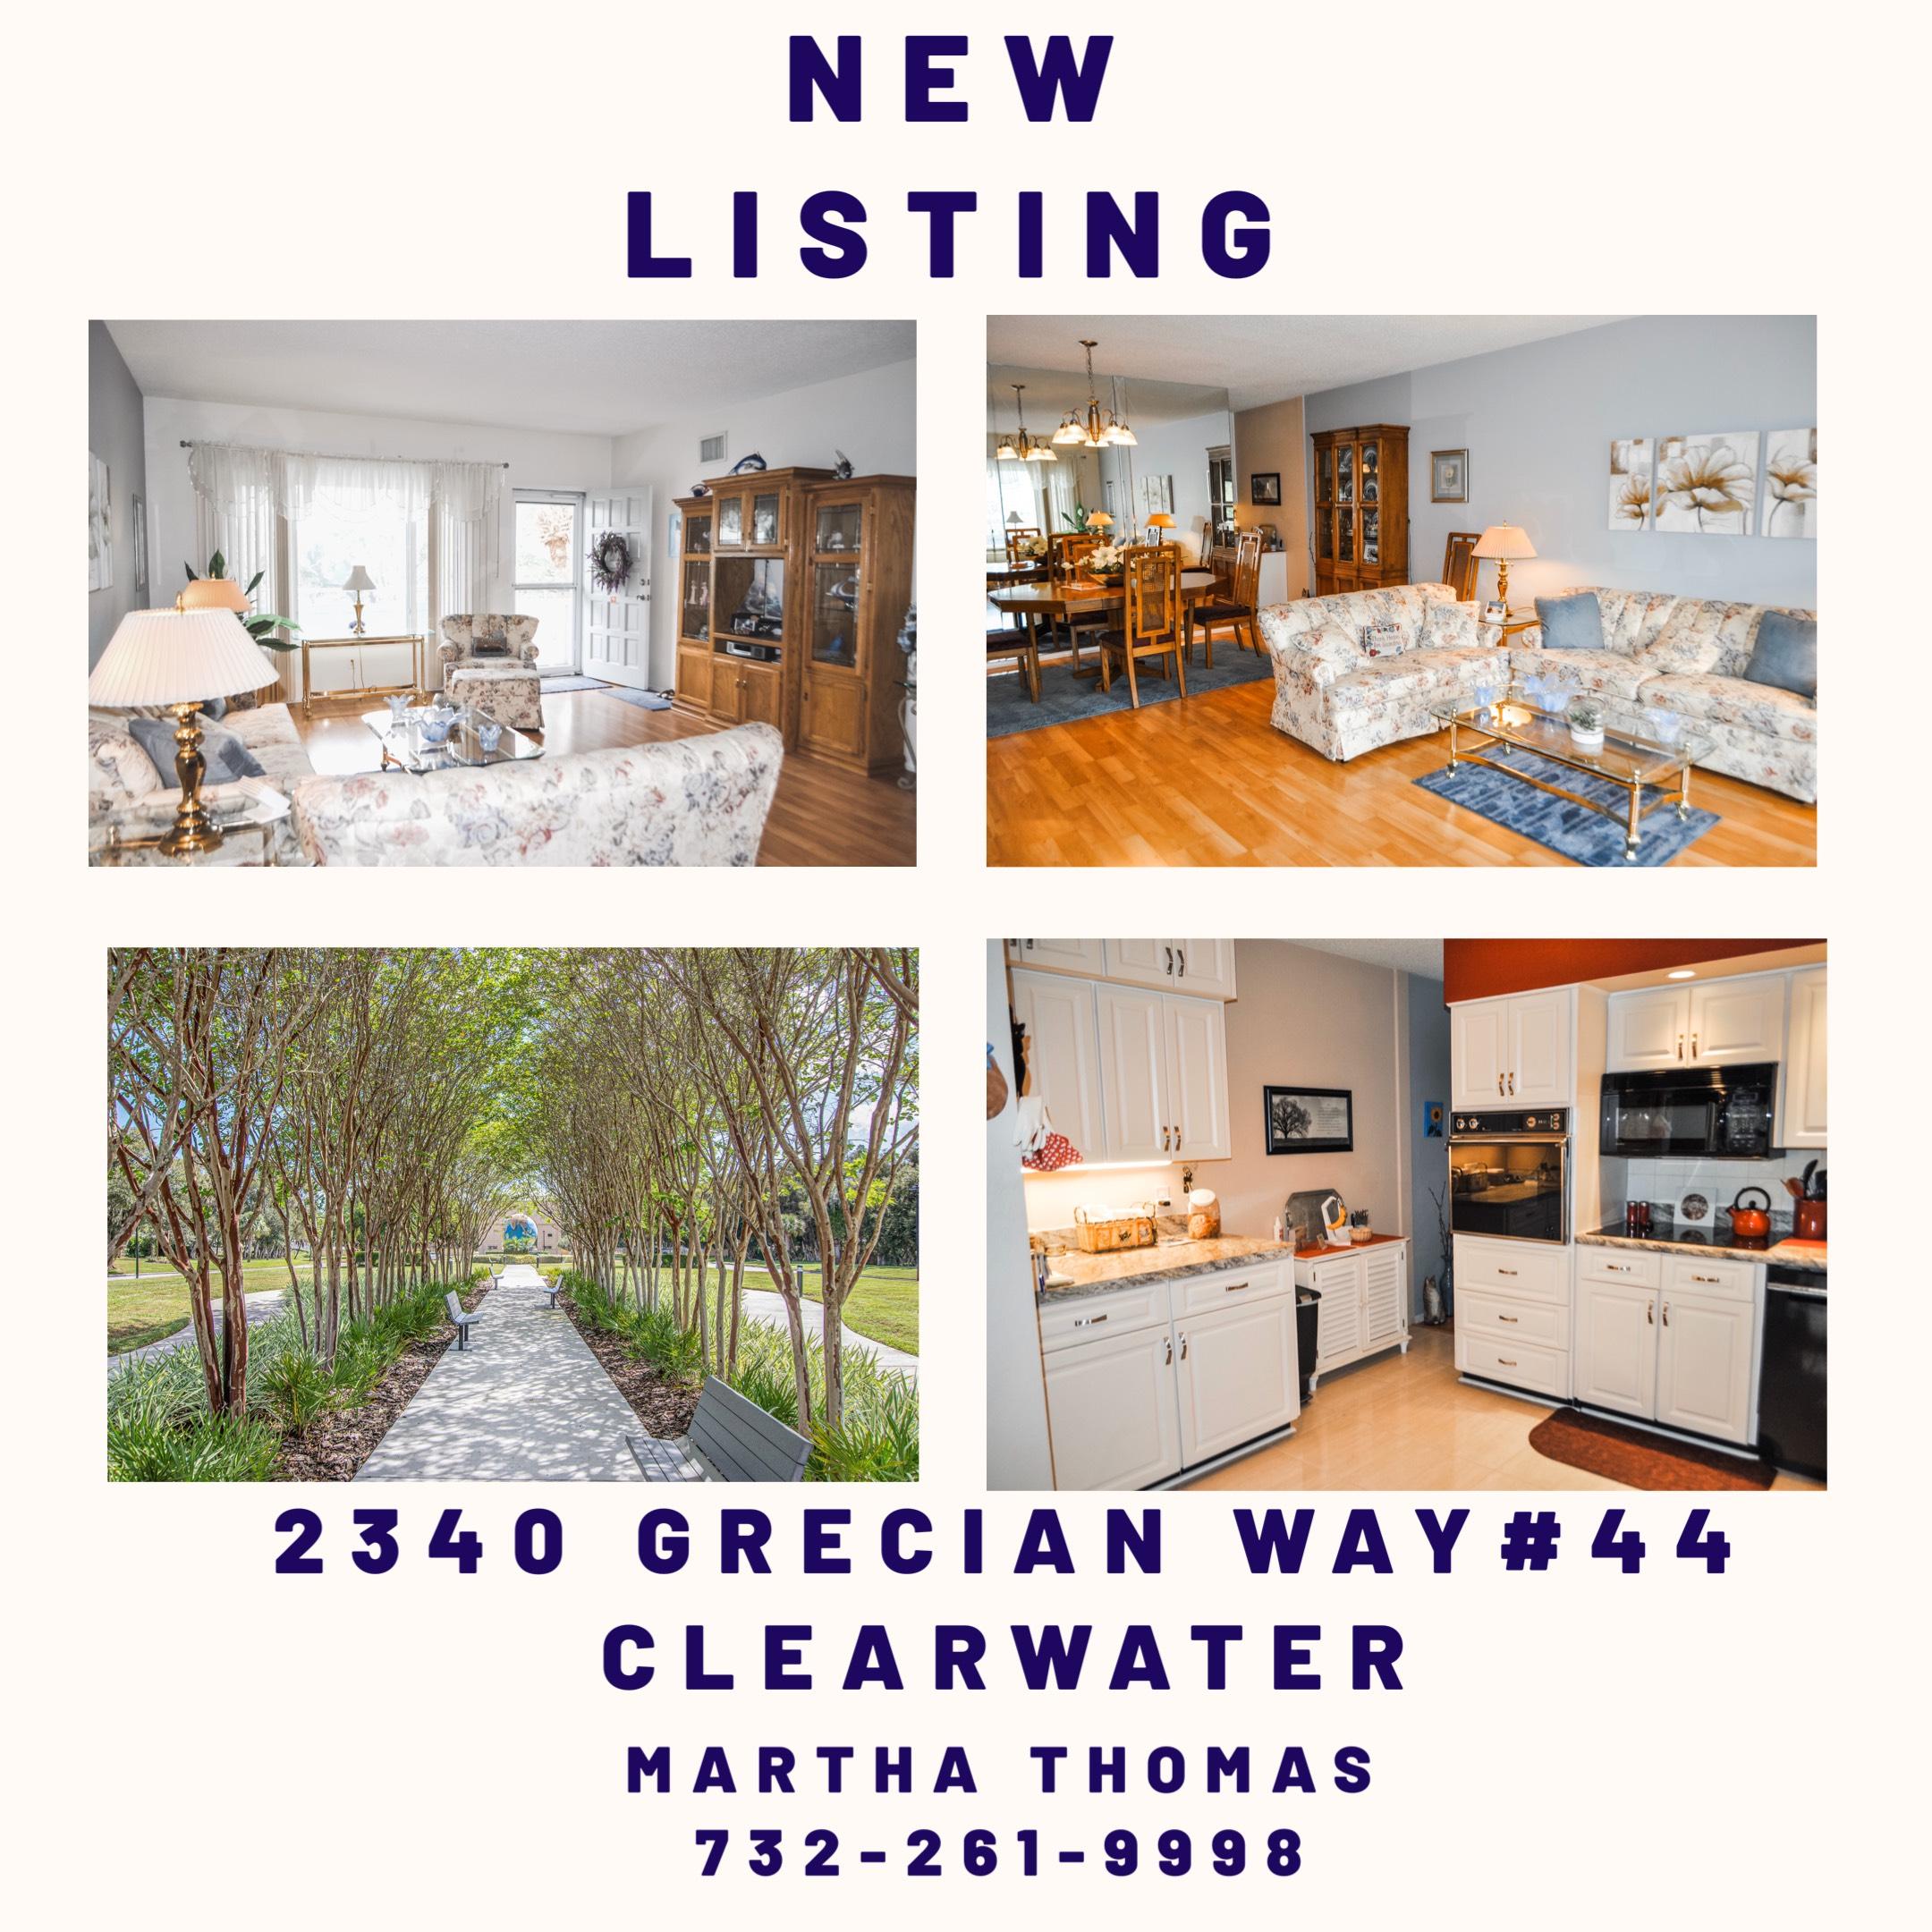 New Listing for Martha Thomas